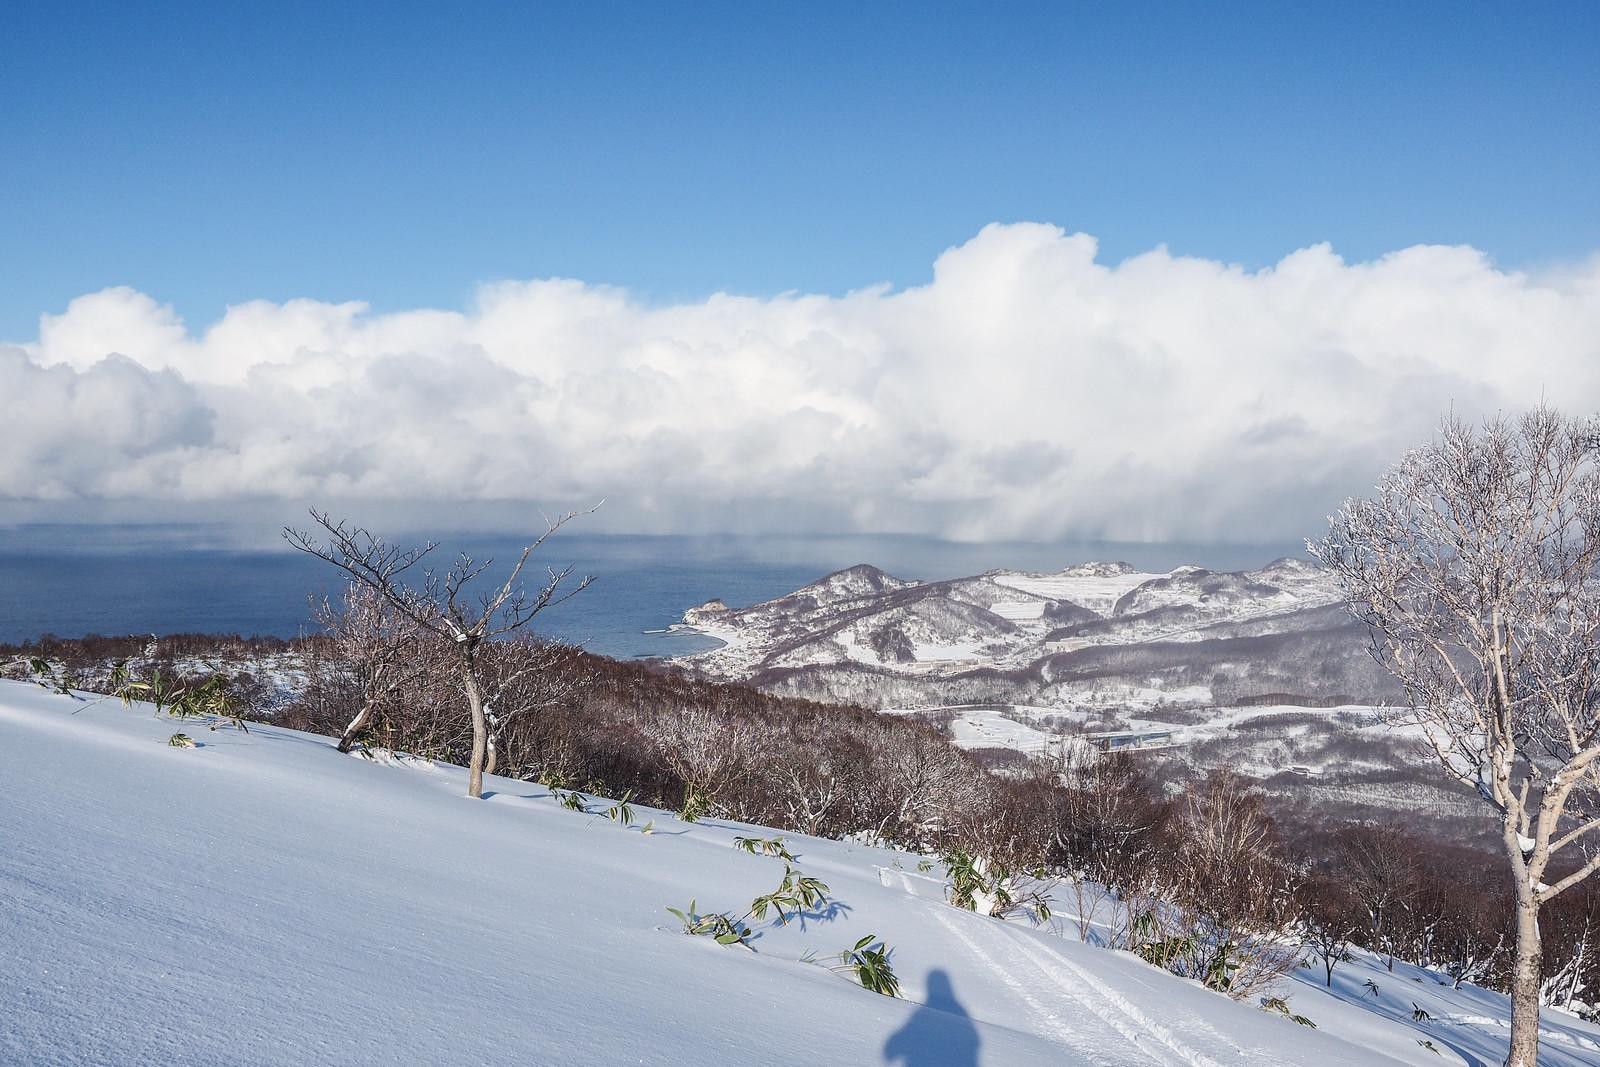 Mt. Shioya-Maruyama Ski Touring (Otaru, Hokkaido, Japan)